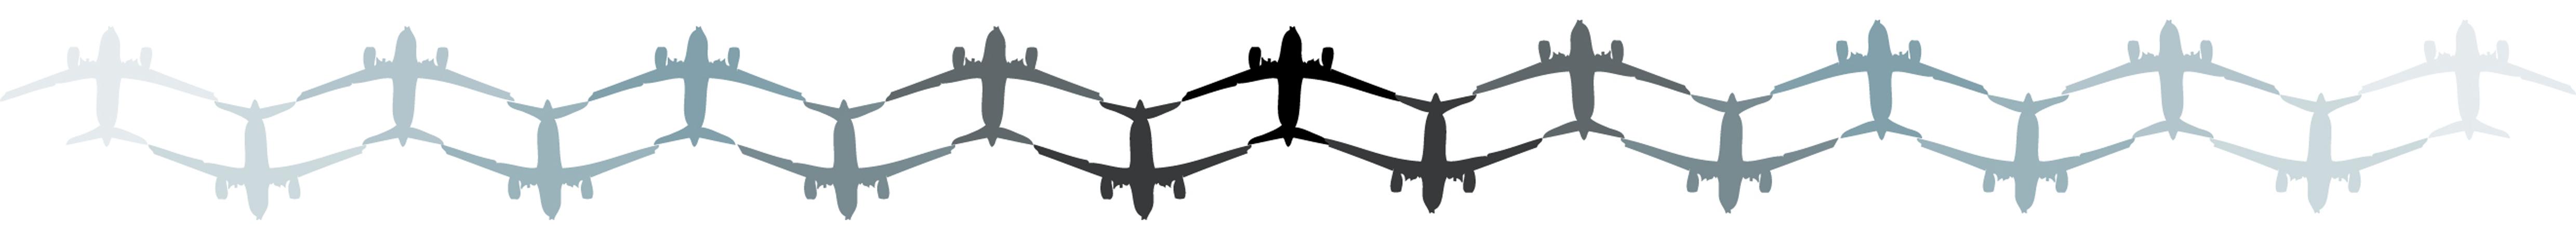 Flygplansrad